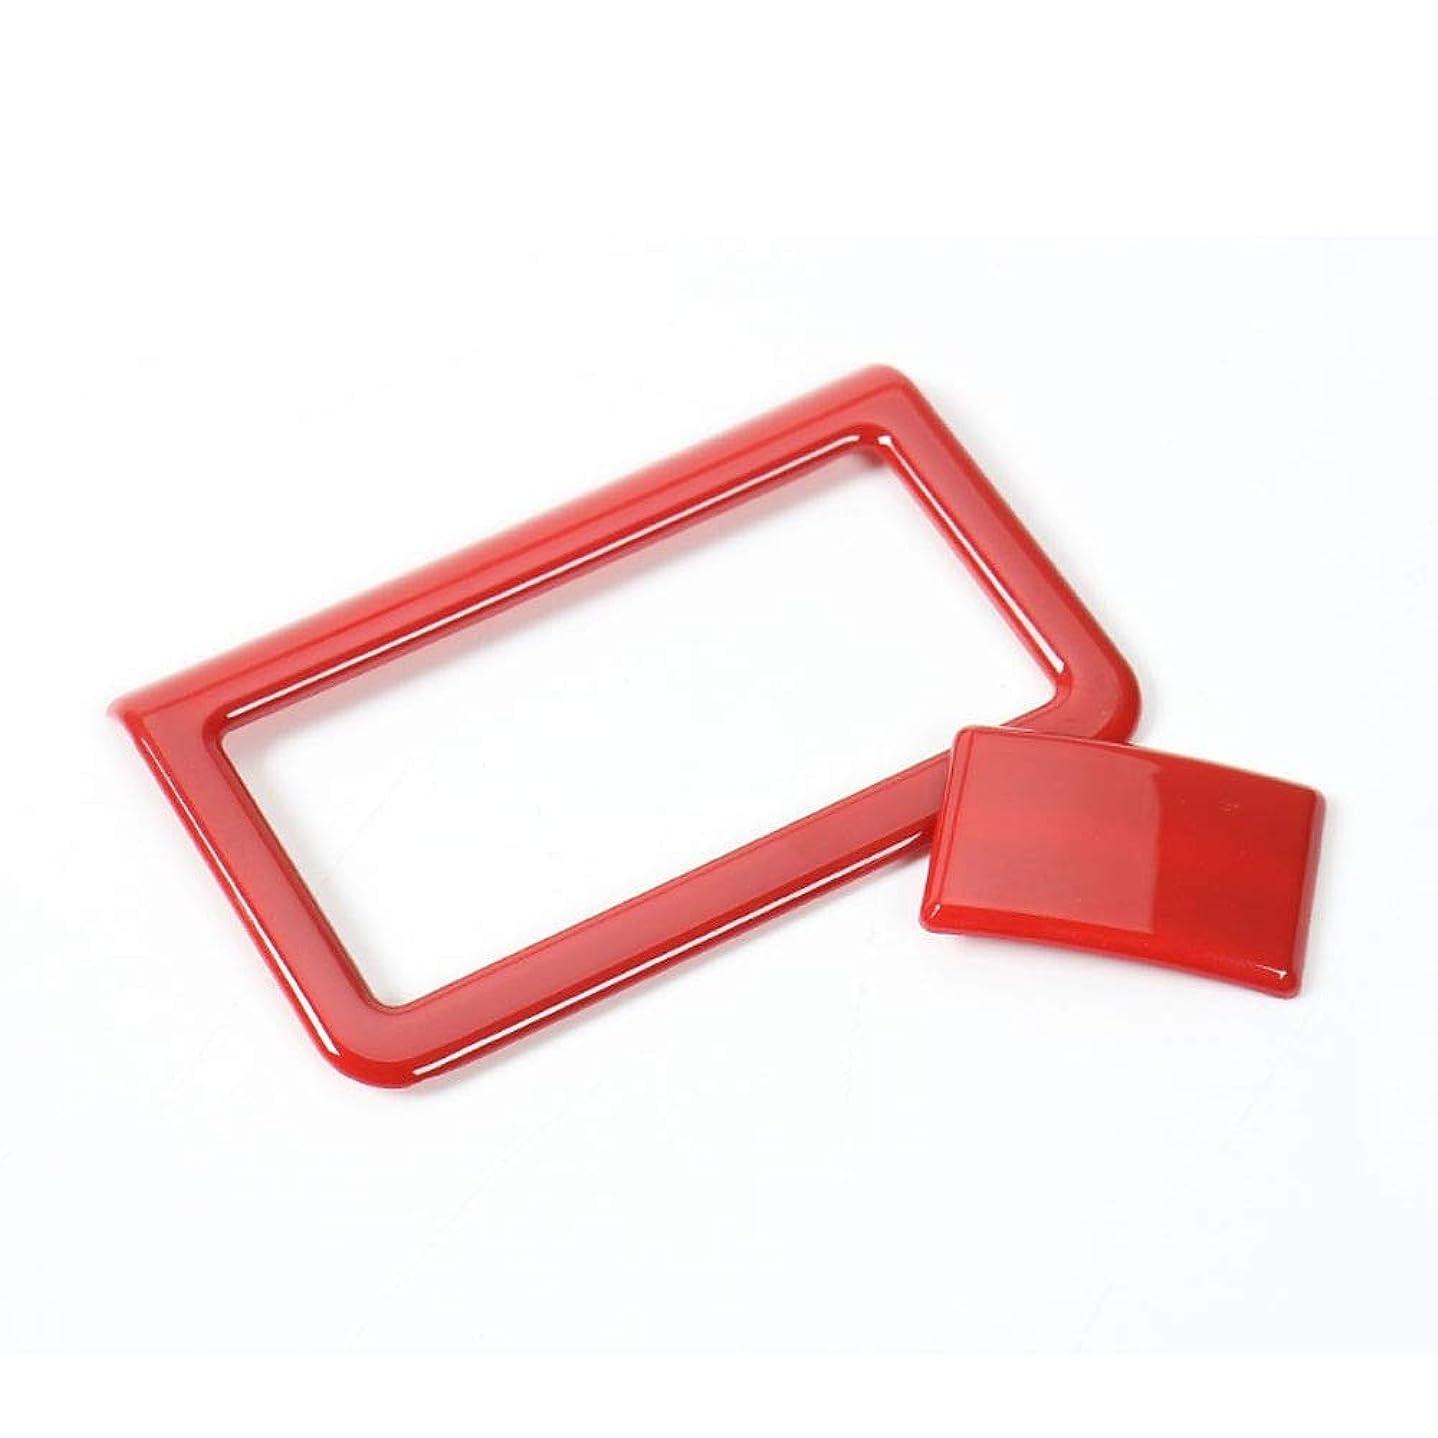 ゴミ完全に織るJicorzo - Car-styling Fog Light Lamp Switch Adjust Cover Trim Frame Interior Chrome ABS Stickers For Suzuki Jimny 2007-15 Car Accessories [Red]